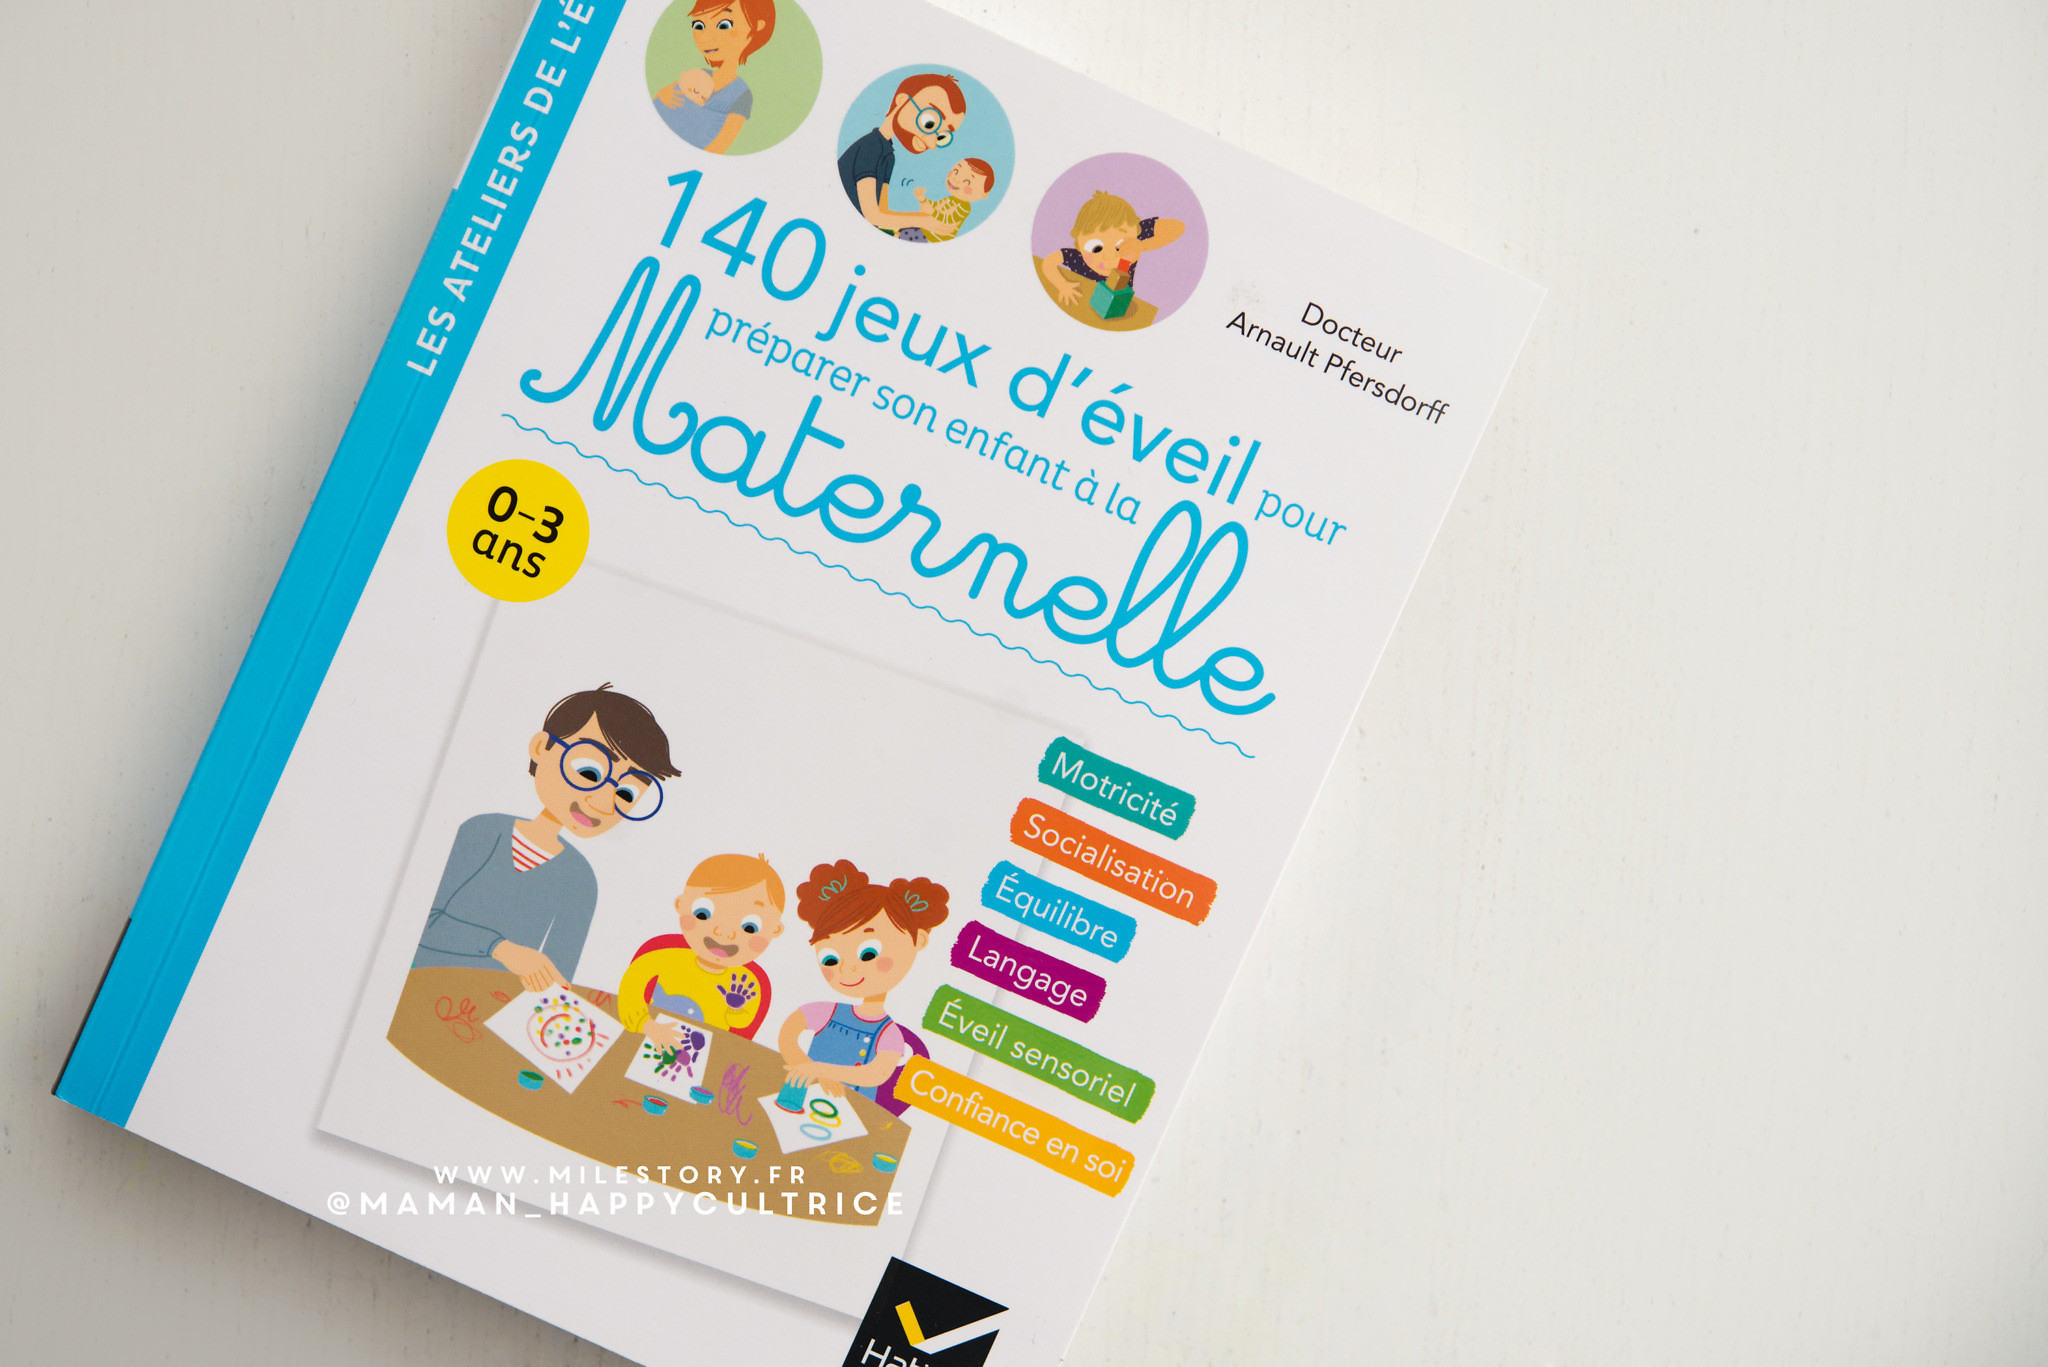 140 Jeux D'éveil Pour Préparer Son Enfant À La Maternelle dedans Jeux Enfant Maternelle